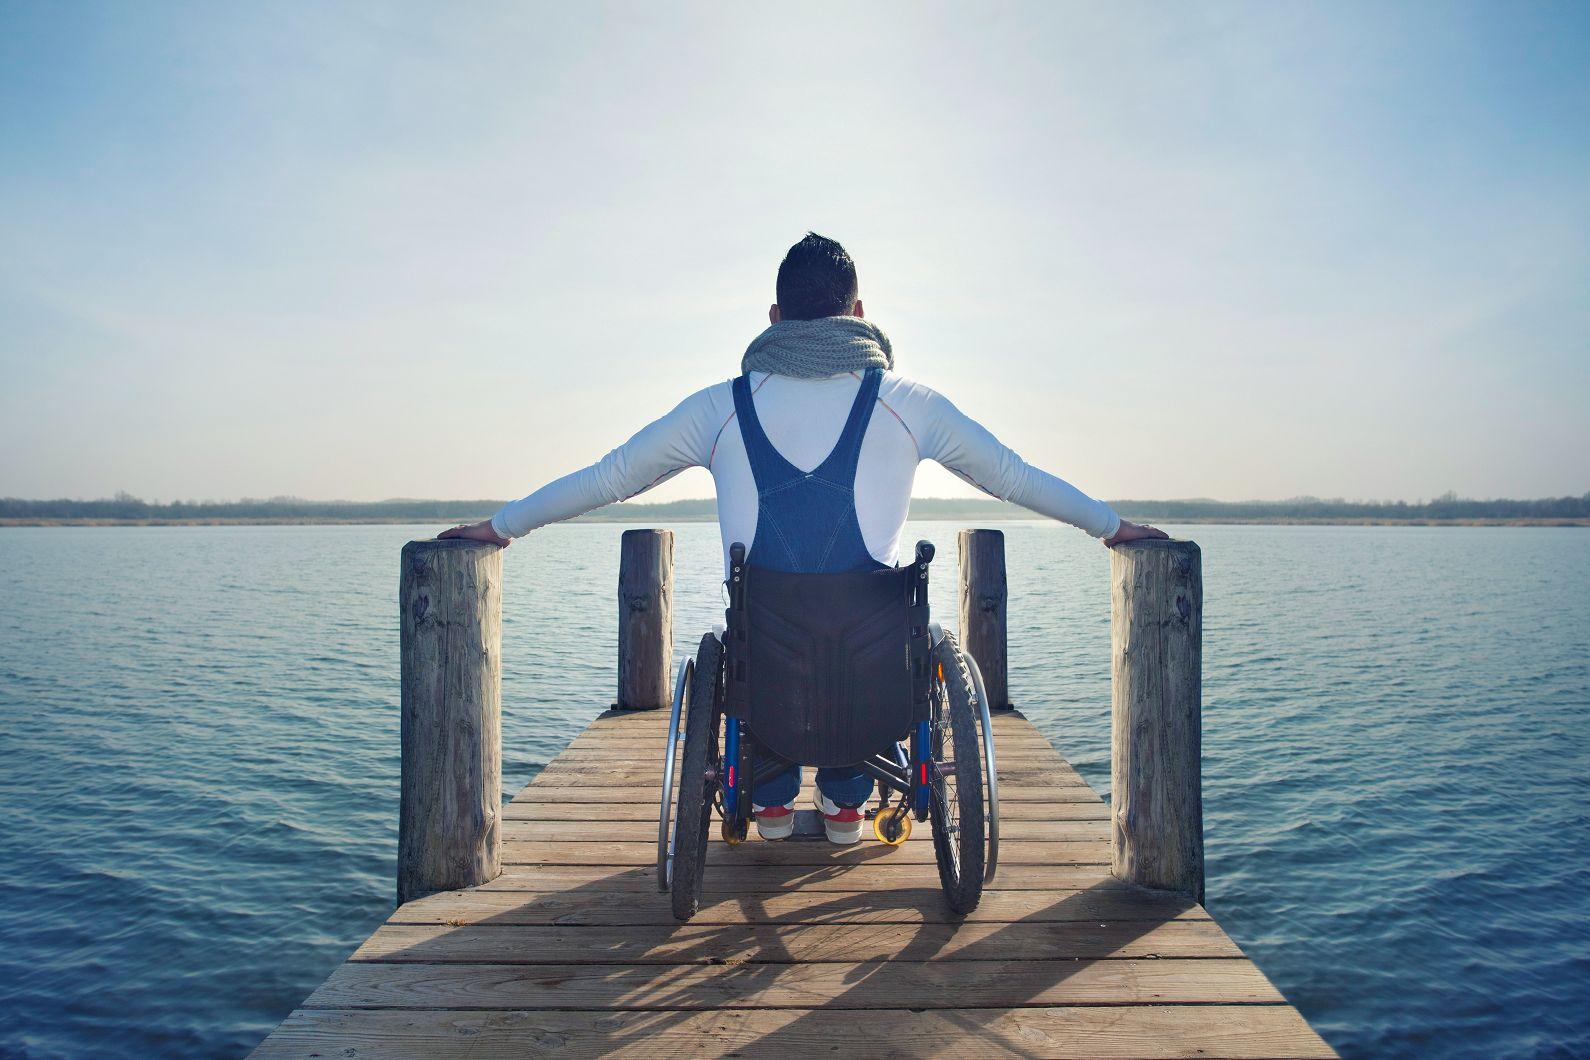 Rollstuhlfahrer auf Steg am Meer